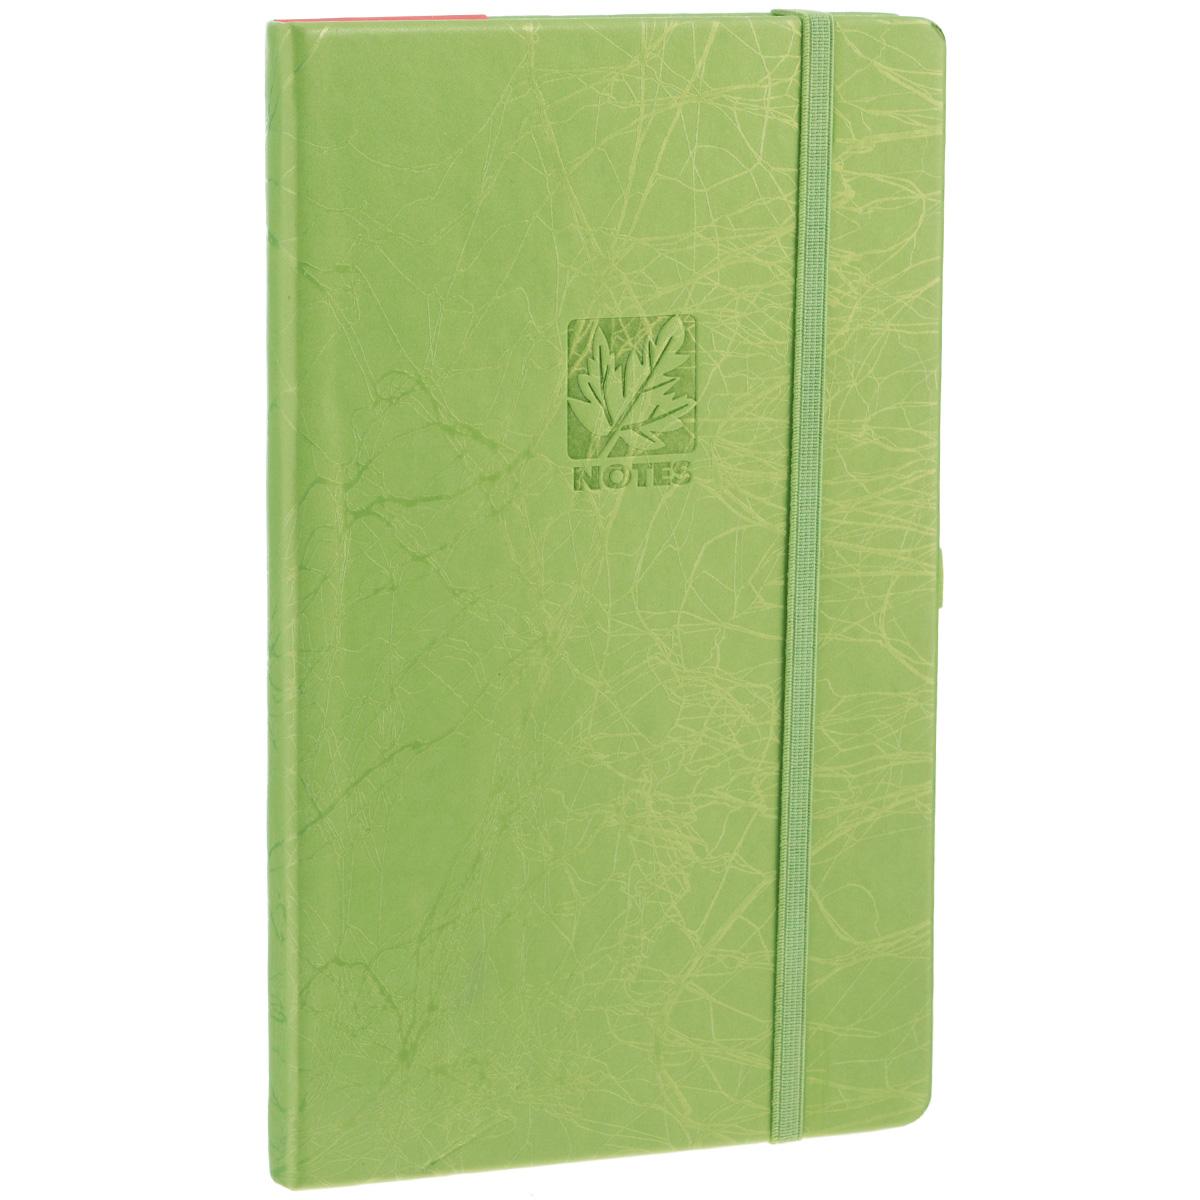 Записная книжка Erich Krause Scribble, цвет: оливковый, 96 листов36774Записная книжка Erich Krause Scribble - это дополнительный штрих к вашему имиджу. Демократичная в своем содержании, книжка может быть использована не только для личных пометок и записей, но и как недатированный ежедневник. Надежная твердая обложка из плотного картона, обтянутого искусственной кожей, сохранит ее в аккуратном состоянии на протяжении всего времени использования. Плотная в линейку бумага белого цвета, закладка-ляссе, практичные скругленные углы, эластичная петелька для ручки и внутренний бумажный карман на задней обложке - все это обеспечит вам истинное удовольствие от письма. В начале книжки имеется страничка для заполнения личных данных владельца, четыре страницы для заполнения адресов, телефонов и интернет-почты и четыре страницы для заполнения сайтов и ссылок. Благодаря небольшому формату книжку легко взять с собой. Записная книжка плотно закрывается при помощи фиксирующей резинки.